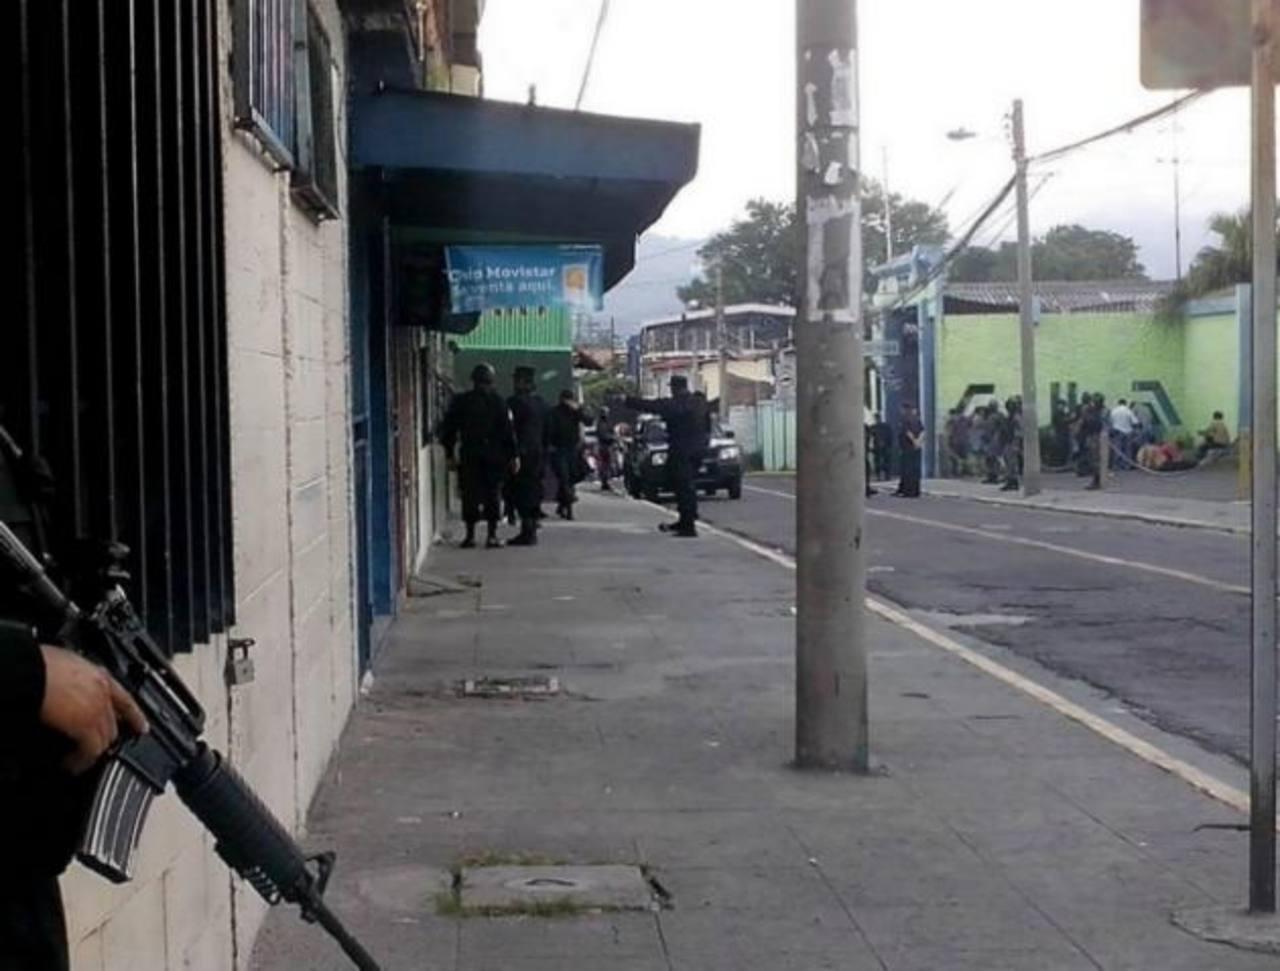 Uno de los sospechosos es sacado del establecimiento por los agentes policiales.